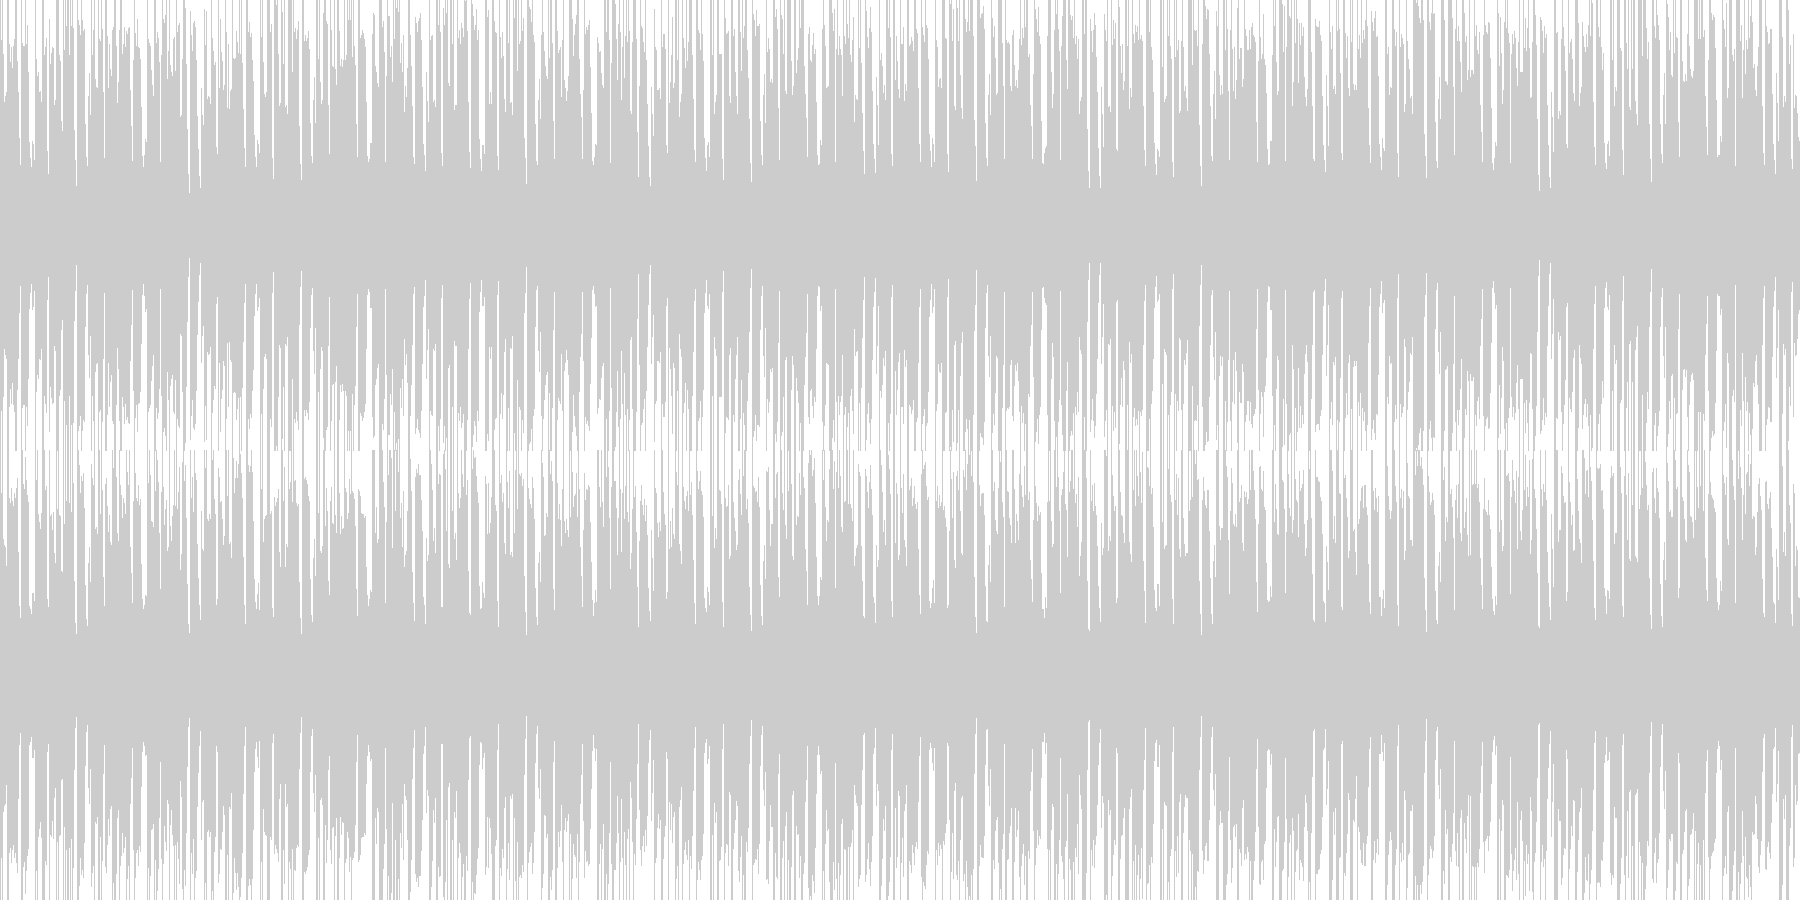 ポップで軽快なBGMの未再生の波形